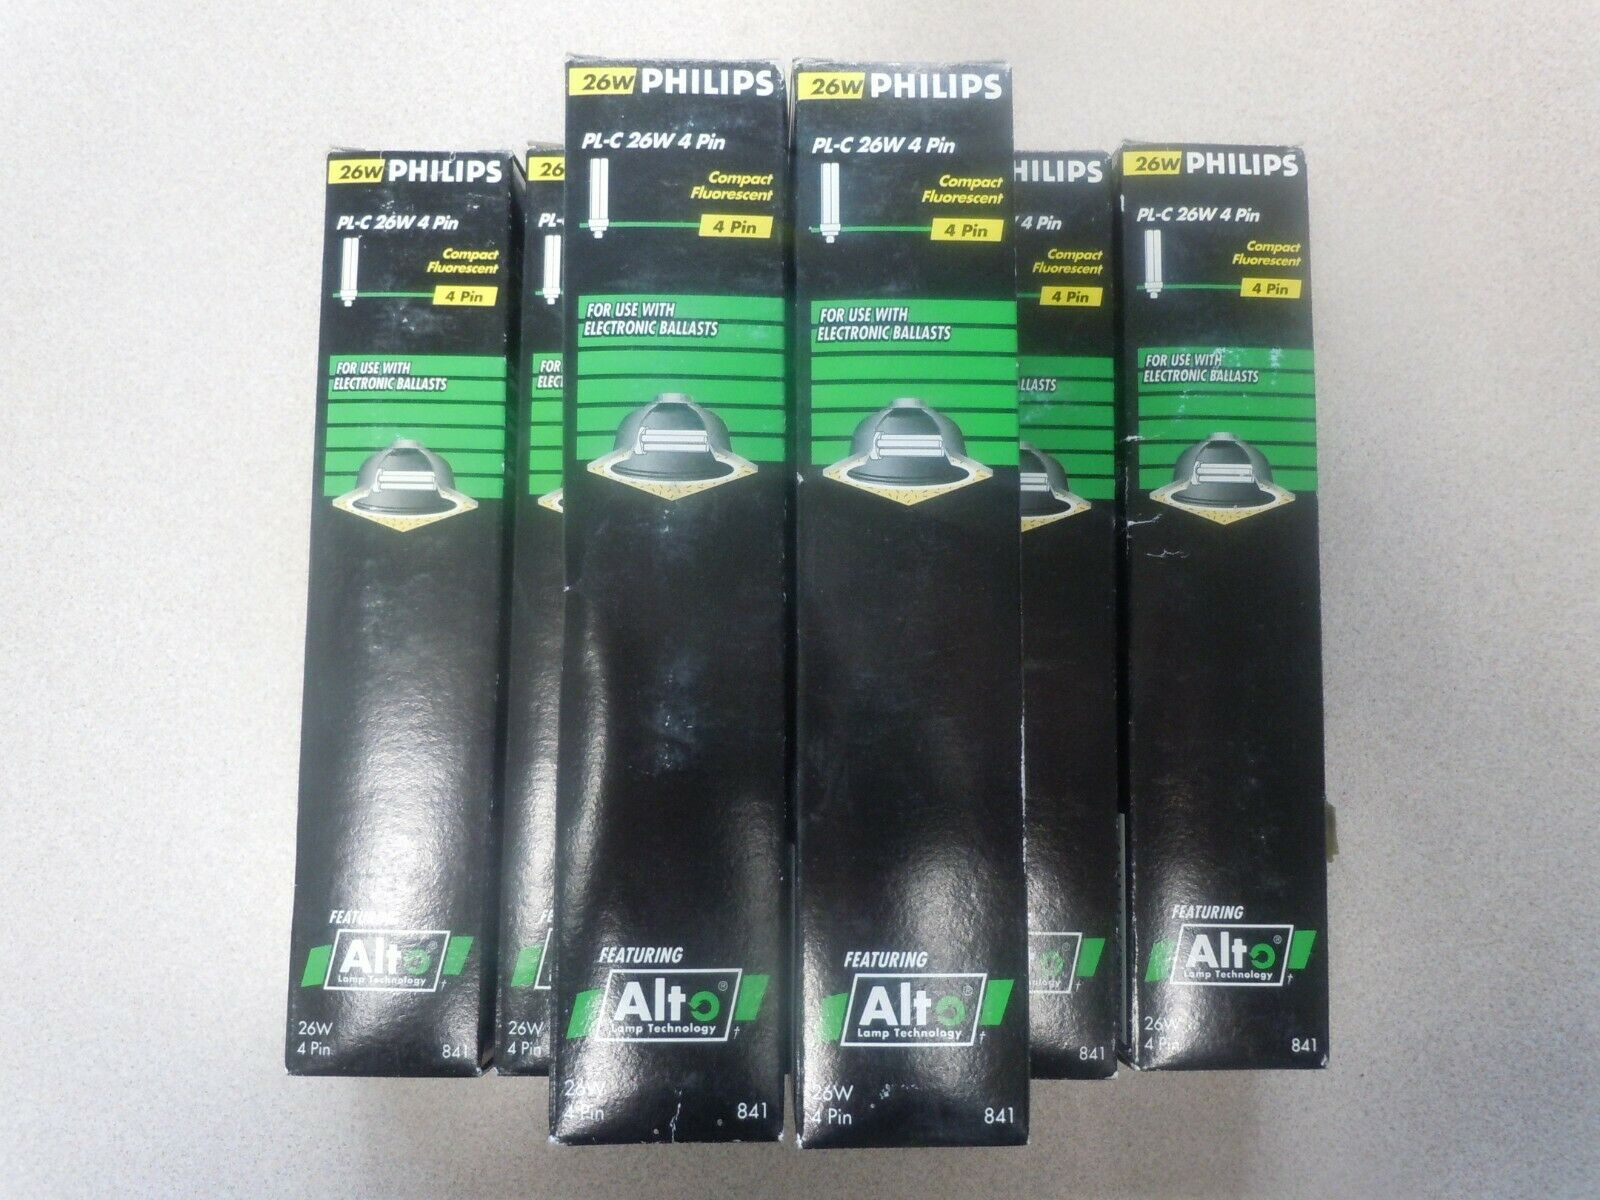 7- Philips PL-C 26W 827 4P ALTO 26-Watt Compact Fluorescent Lamp Bulb 4-Pin